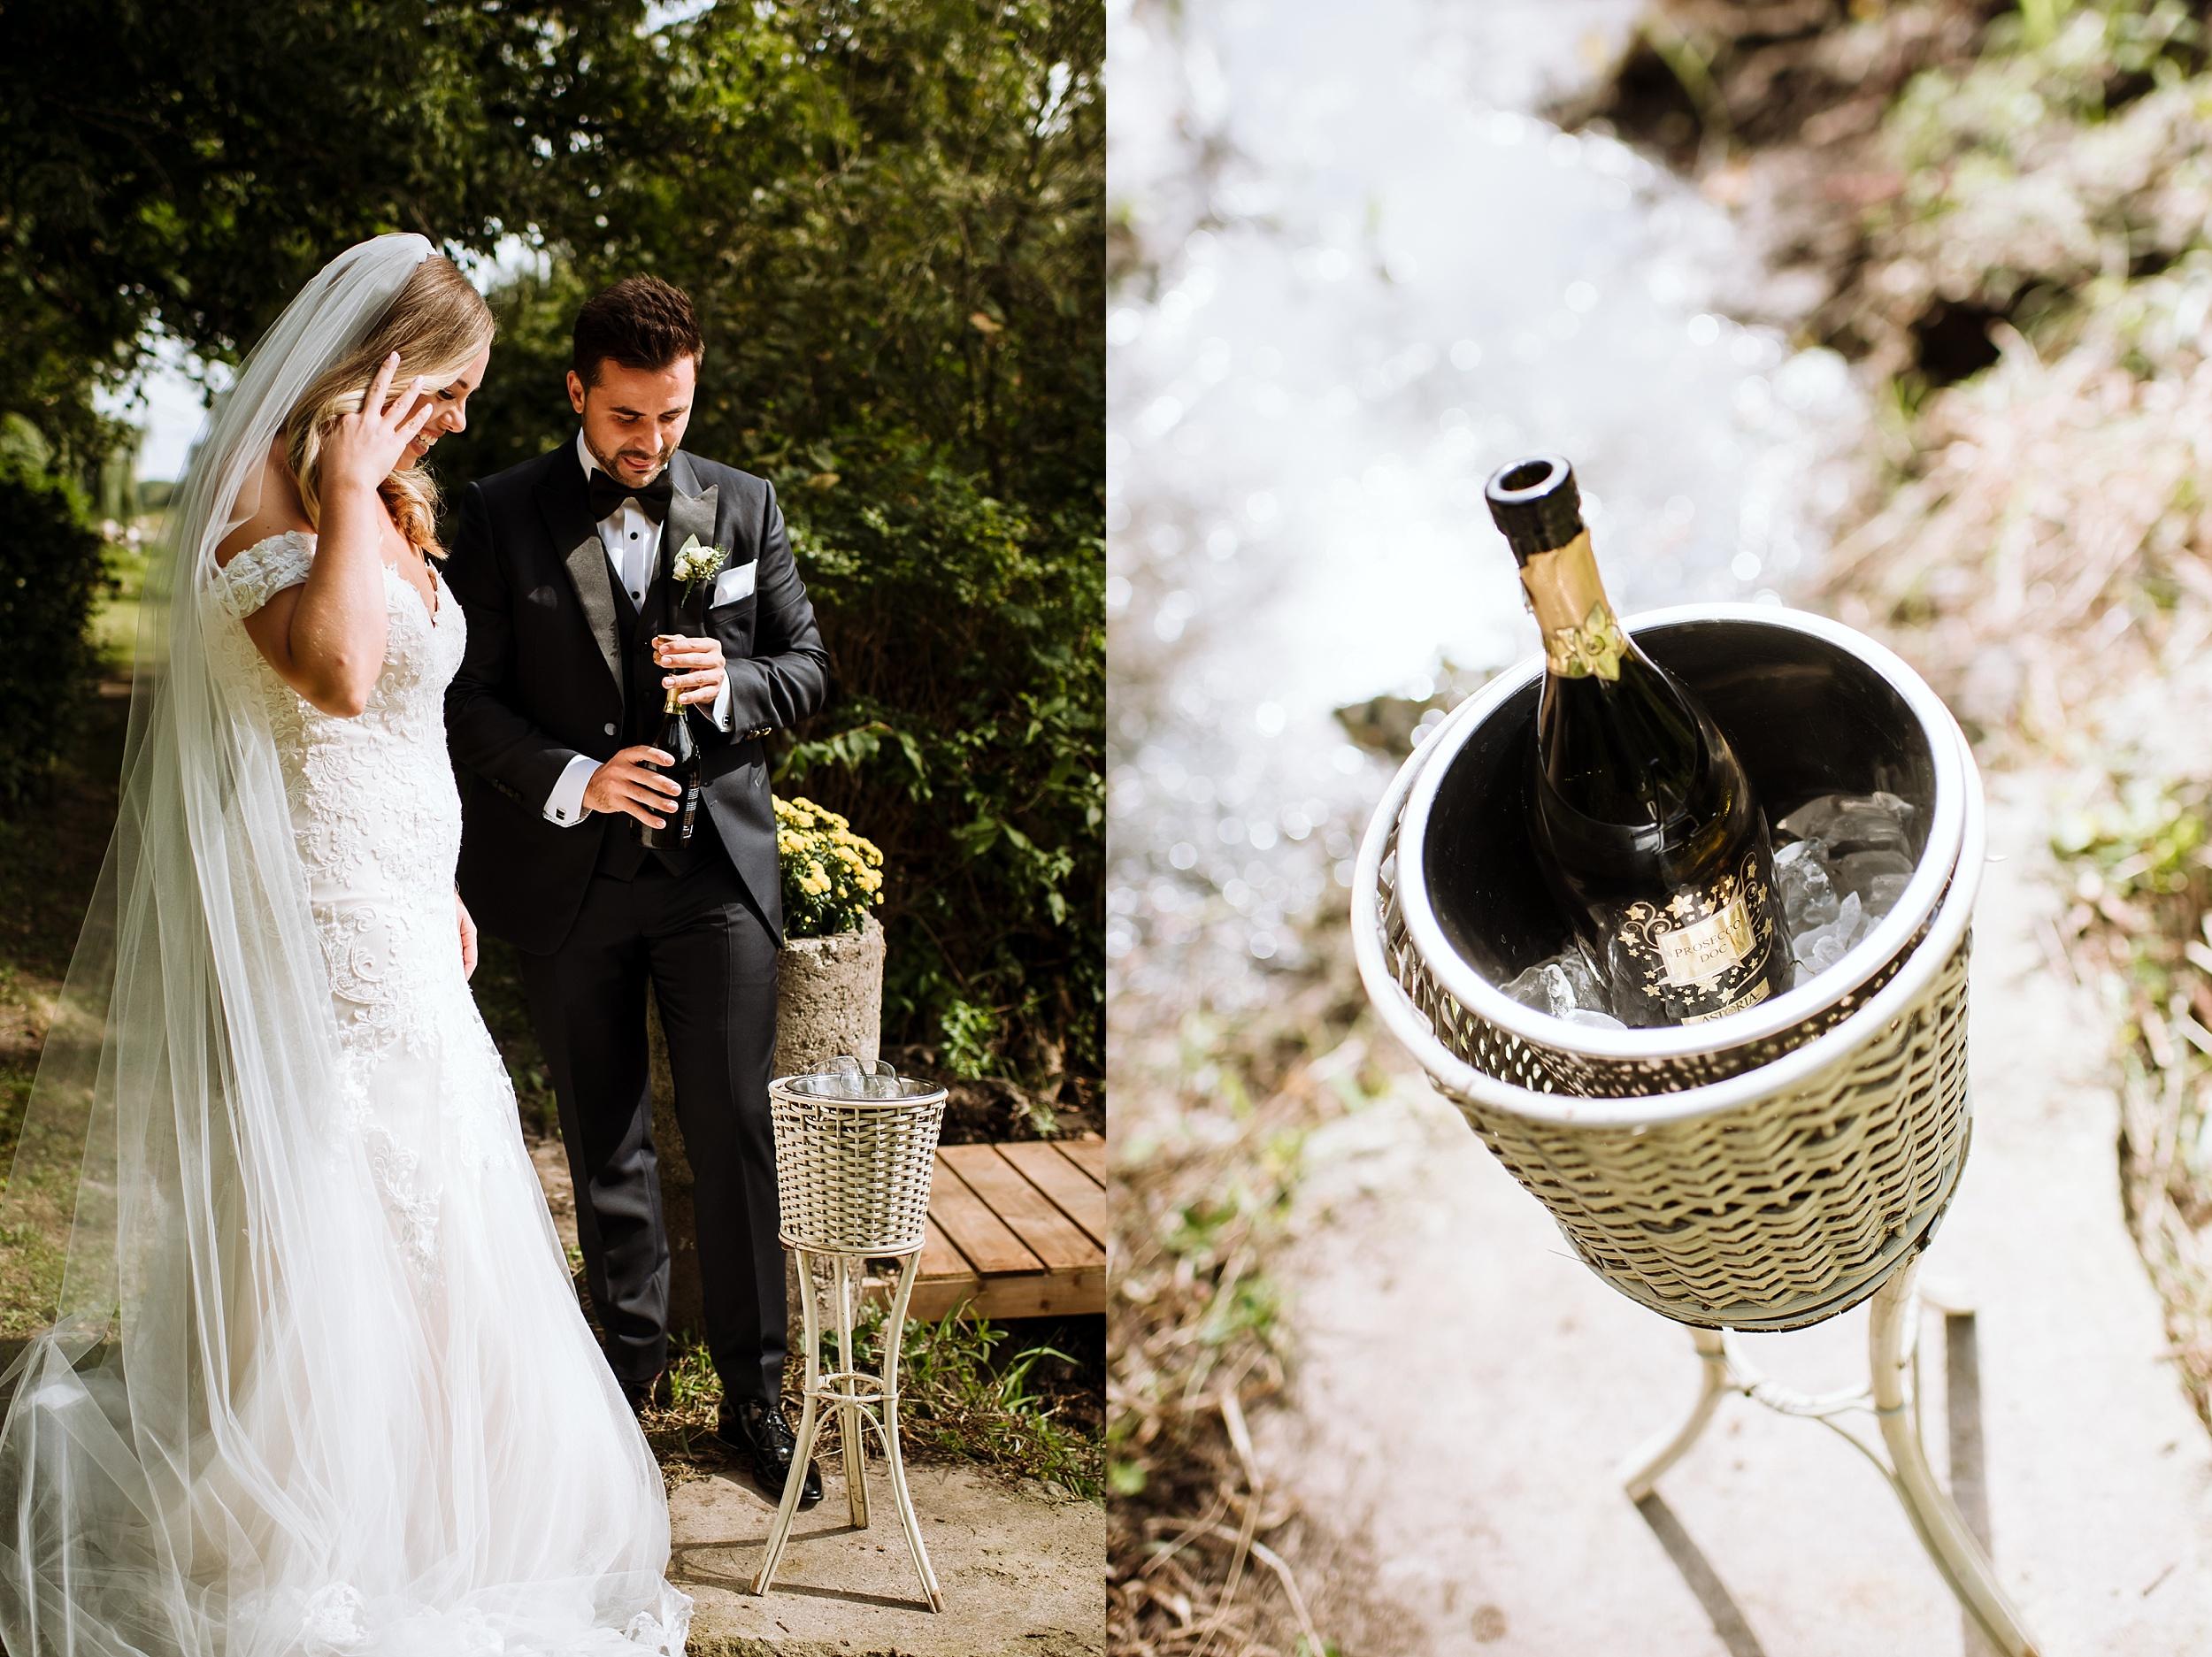 Rustic_Backyard_Wedding_Toronto_Photographer038.jpg